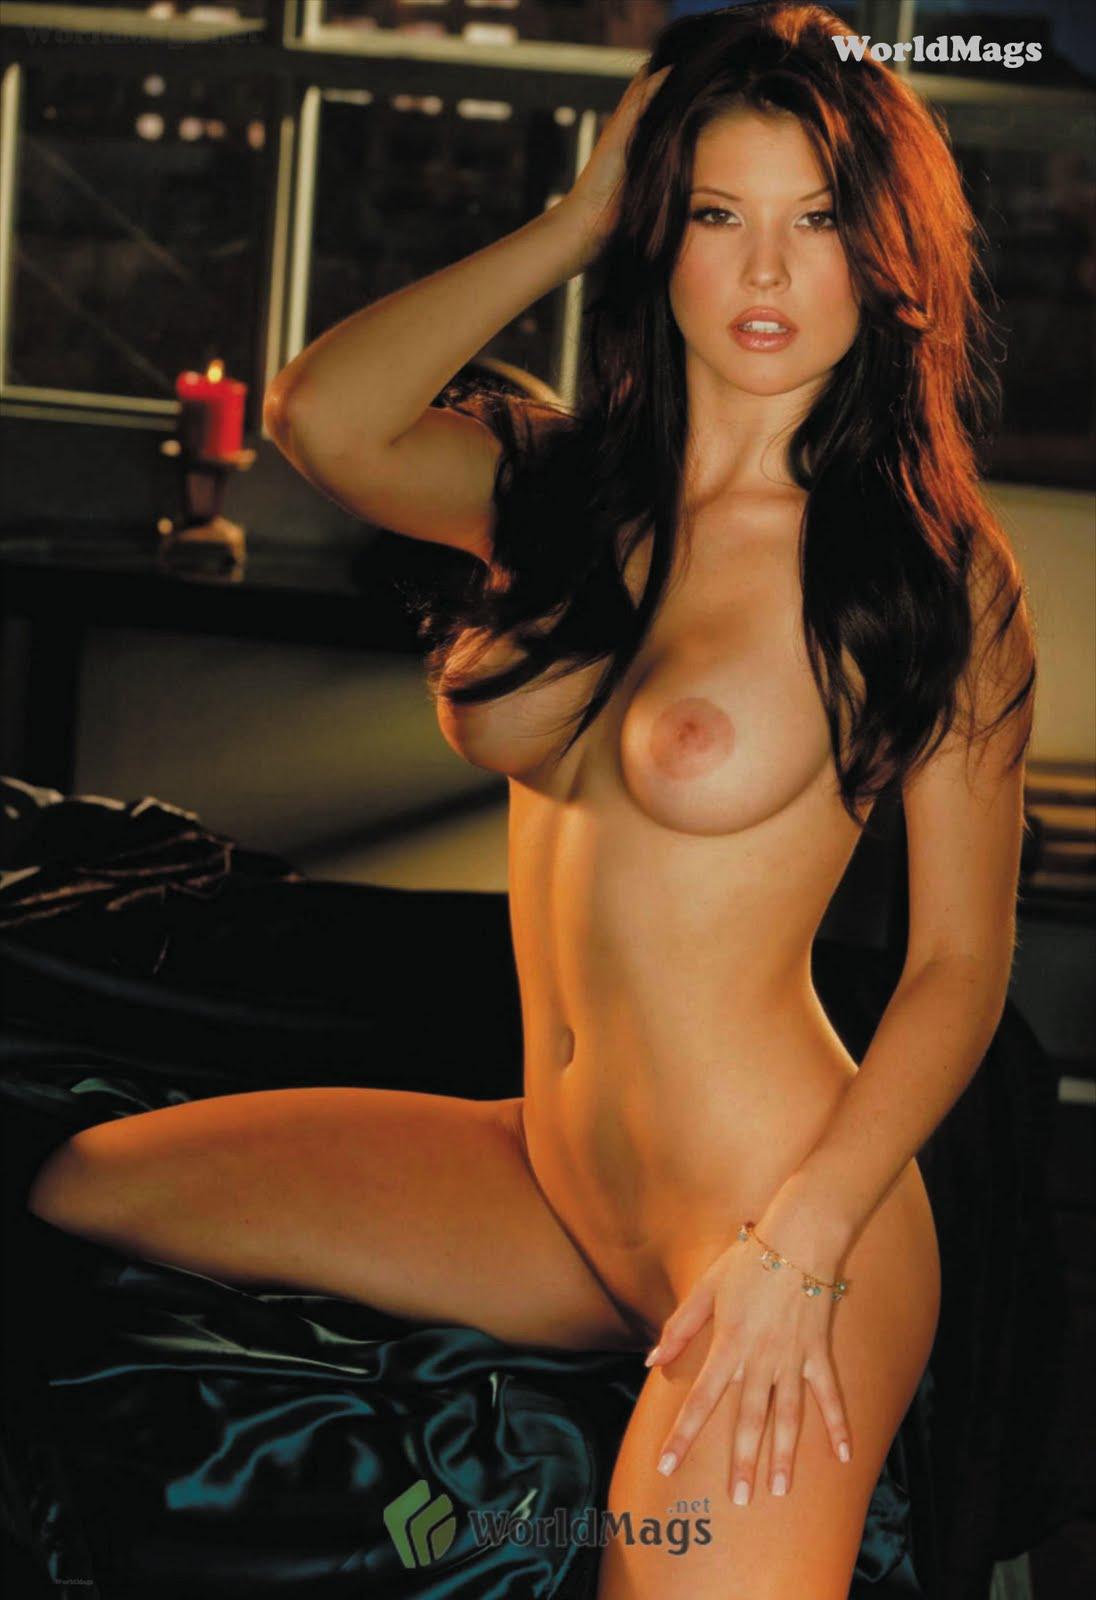 Amanda cerny nude amp sexy 4